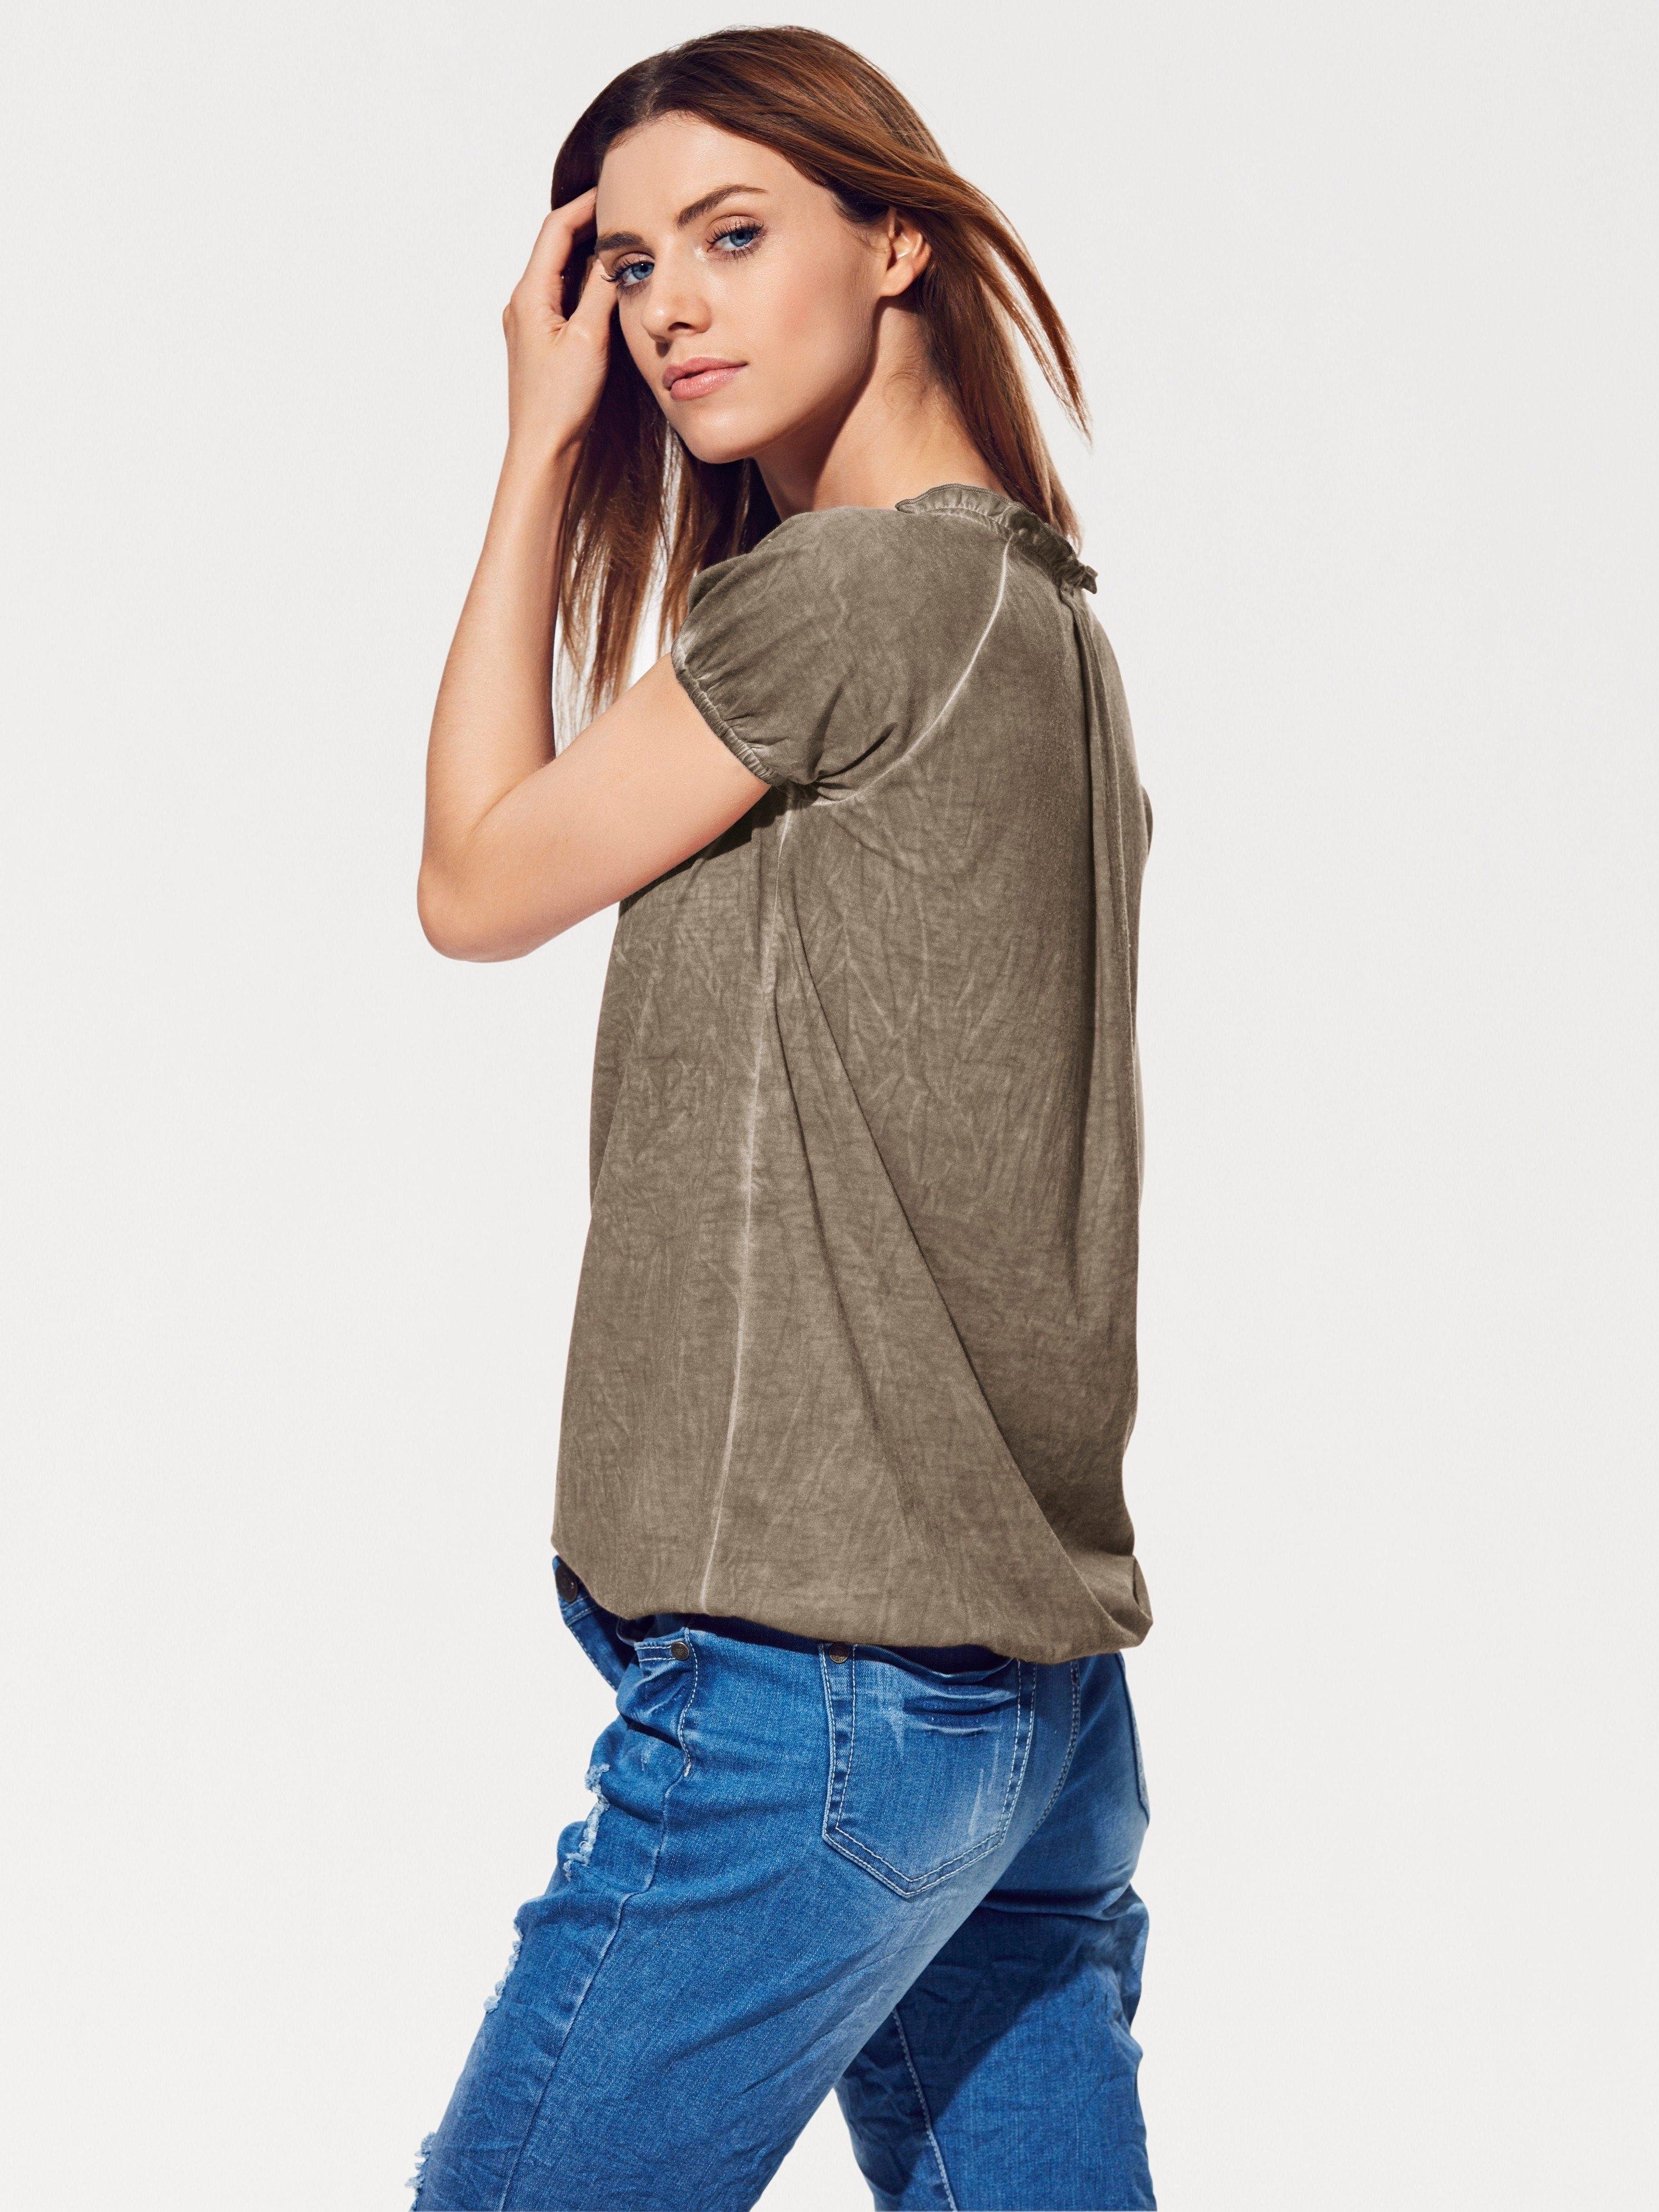 Online T shirt shirt Bestellen T Bestellen Online qzVSLUGMp